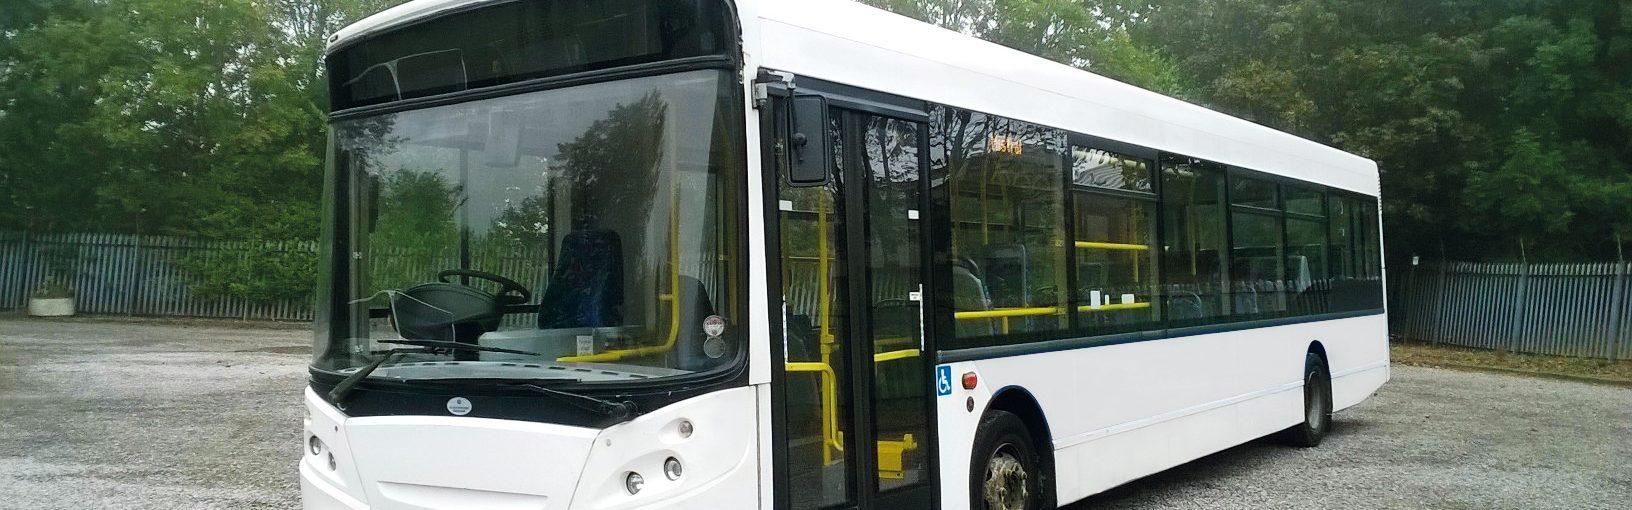 MX57-CCO